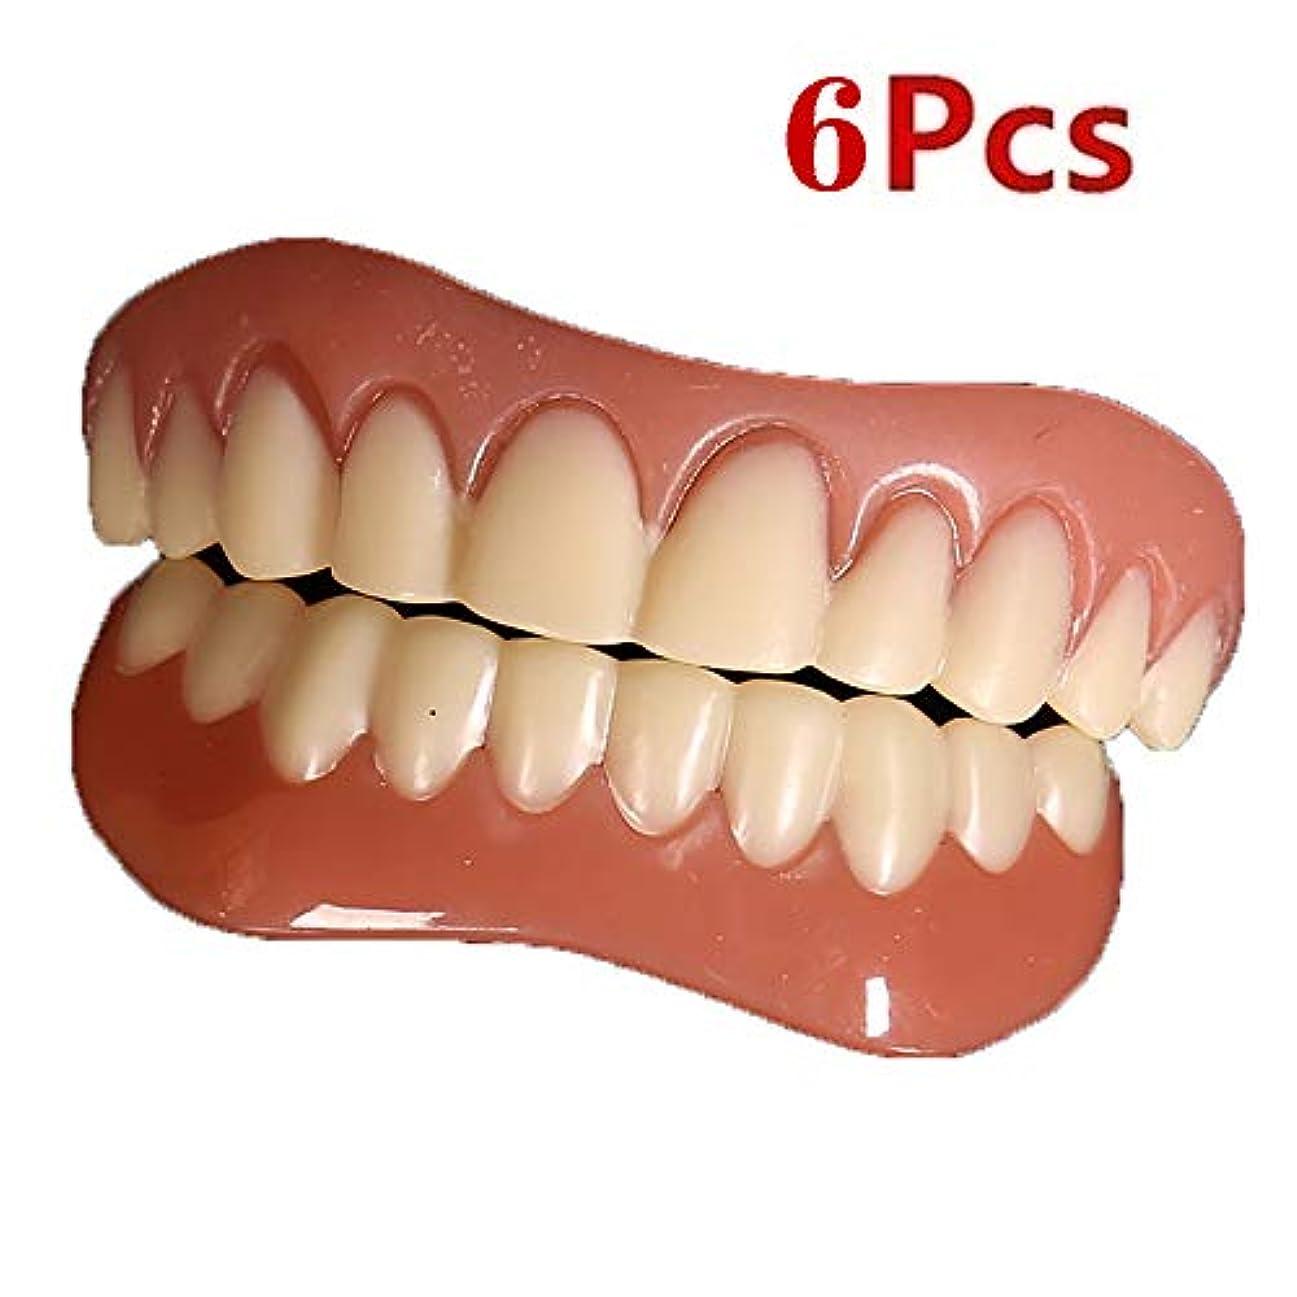 フェロー諸島シネウィ仮装即時の微笑の歯の上部のより低いベニヤの慰めの適合の歯のベニヤ、歯科ベニヤの慰めの適合の歯の上の化粧品のベニヤワンサイズはすべての義歯の接着剤の歯に入れます